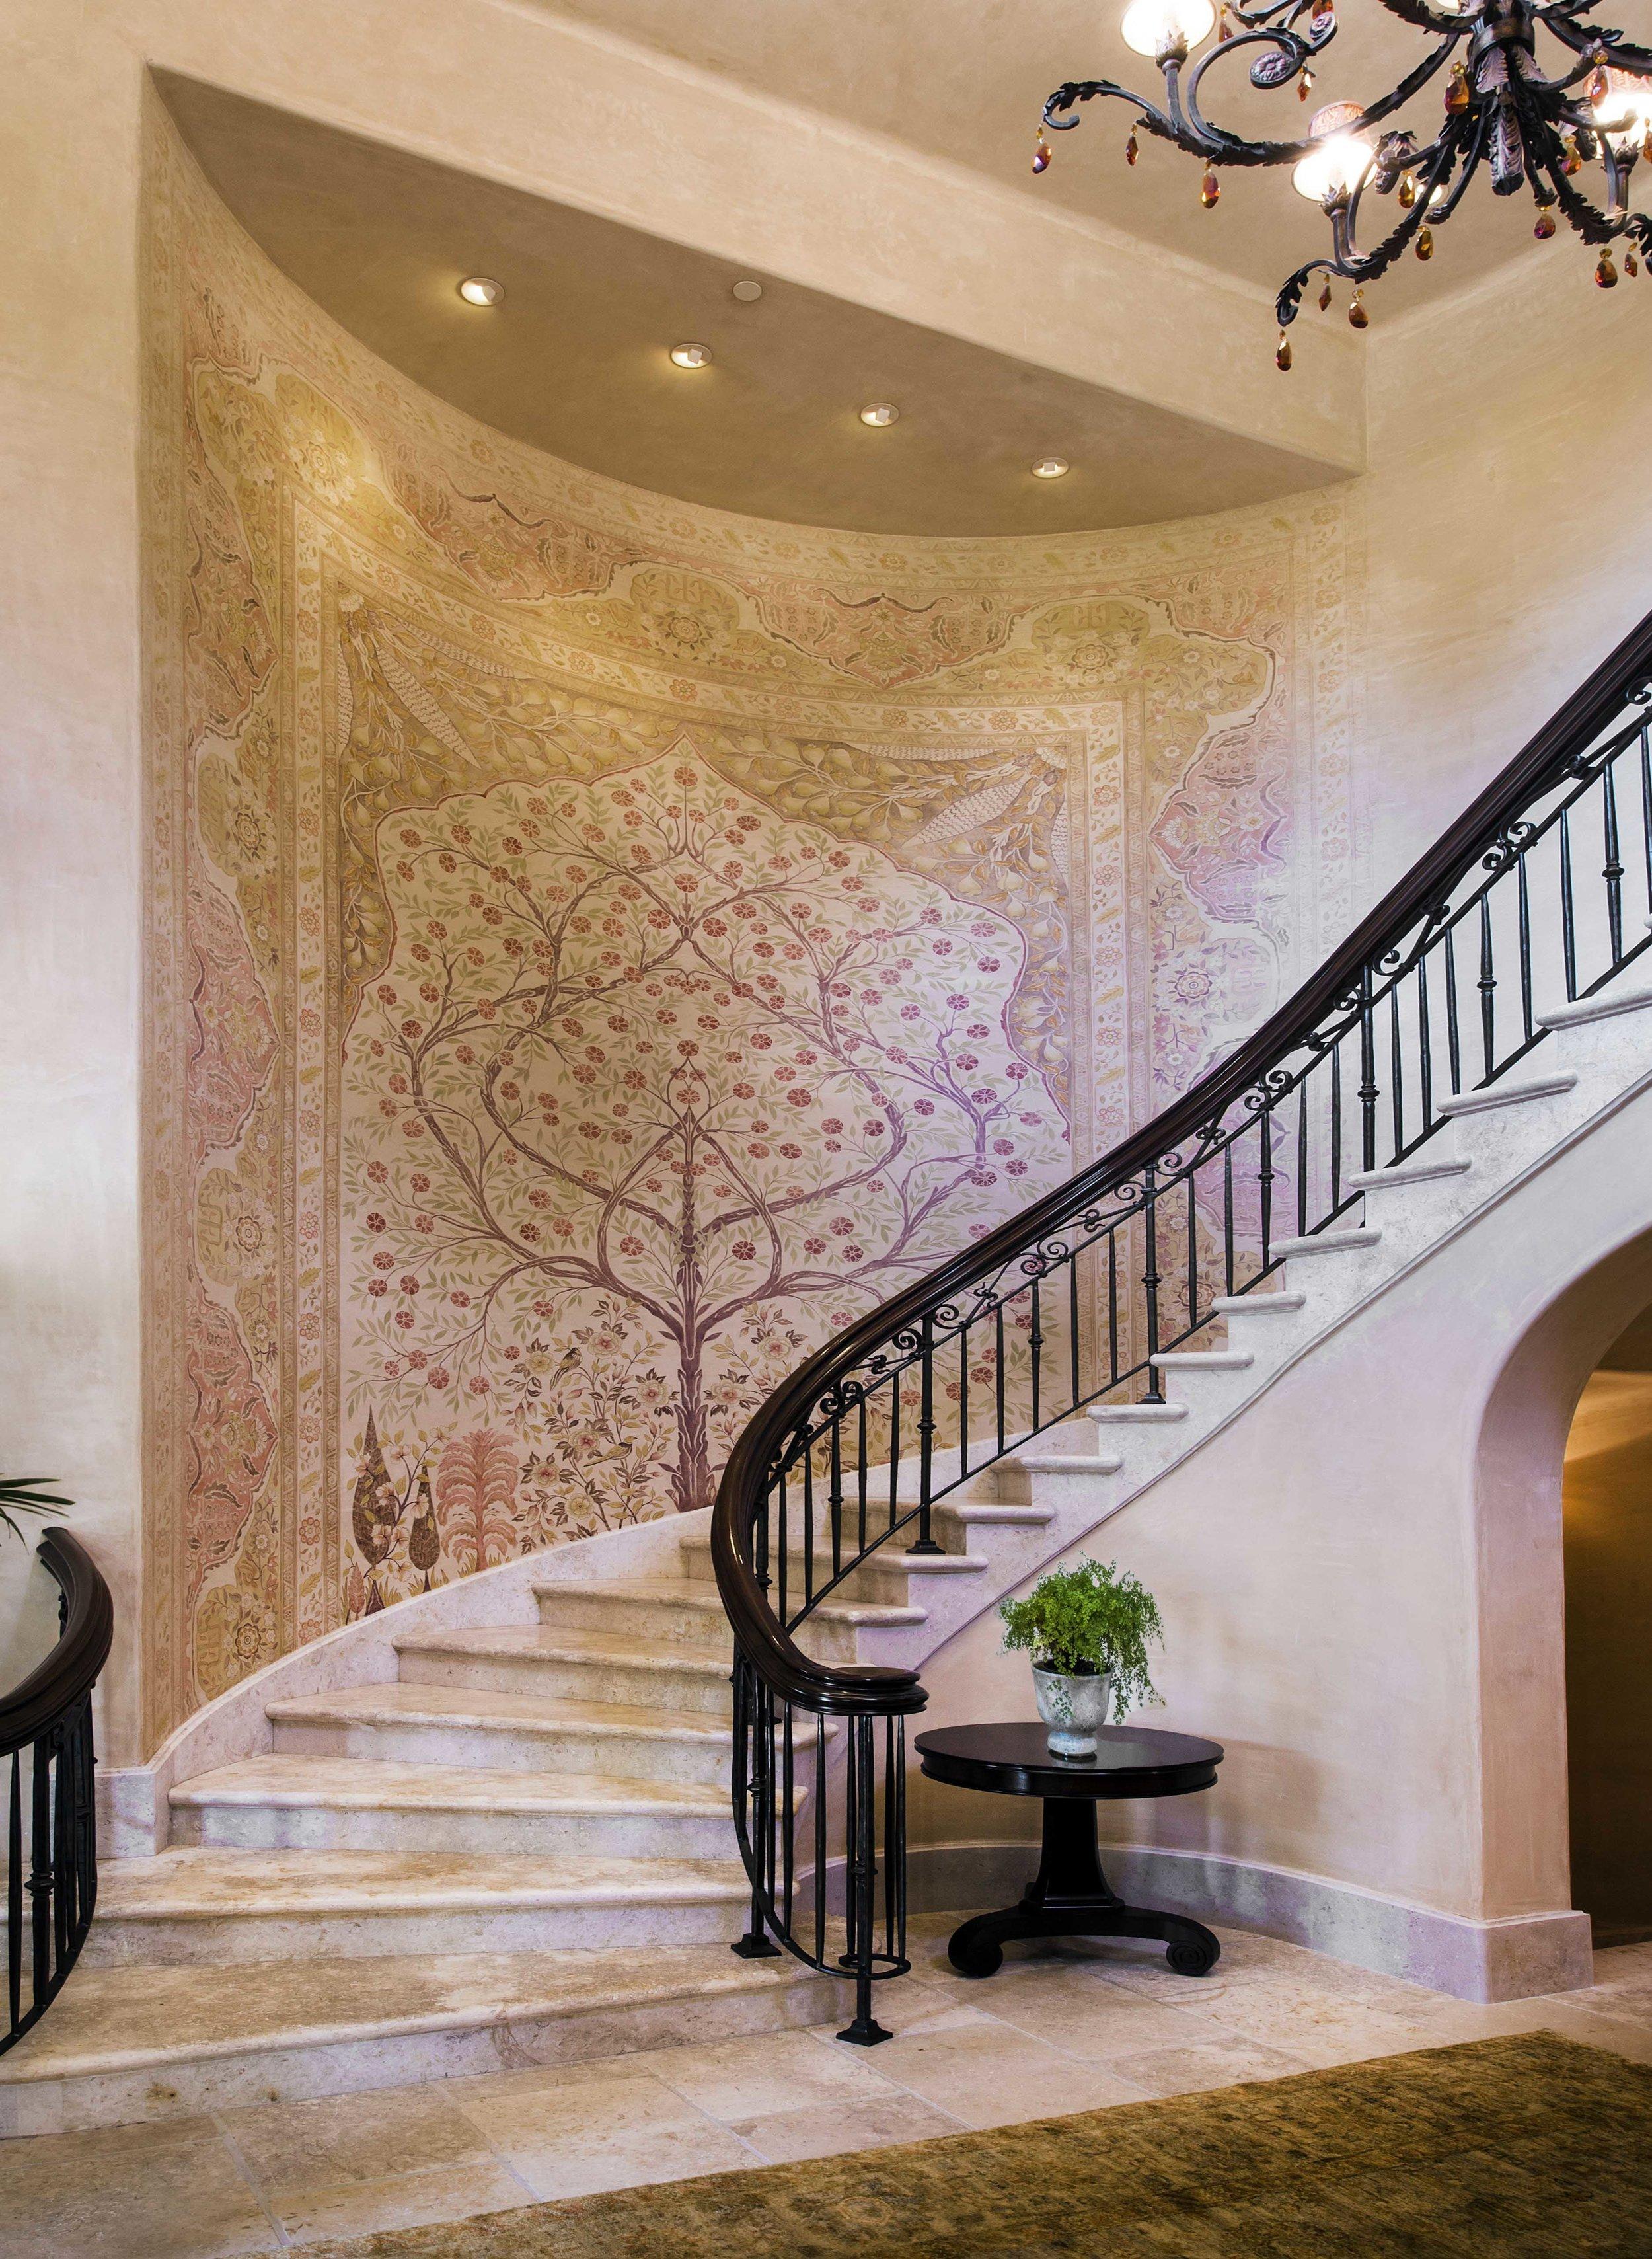 Stairway w Mural 2 M S DSC_5801.jpg